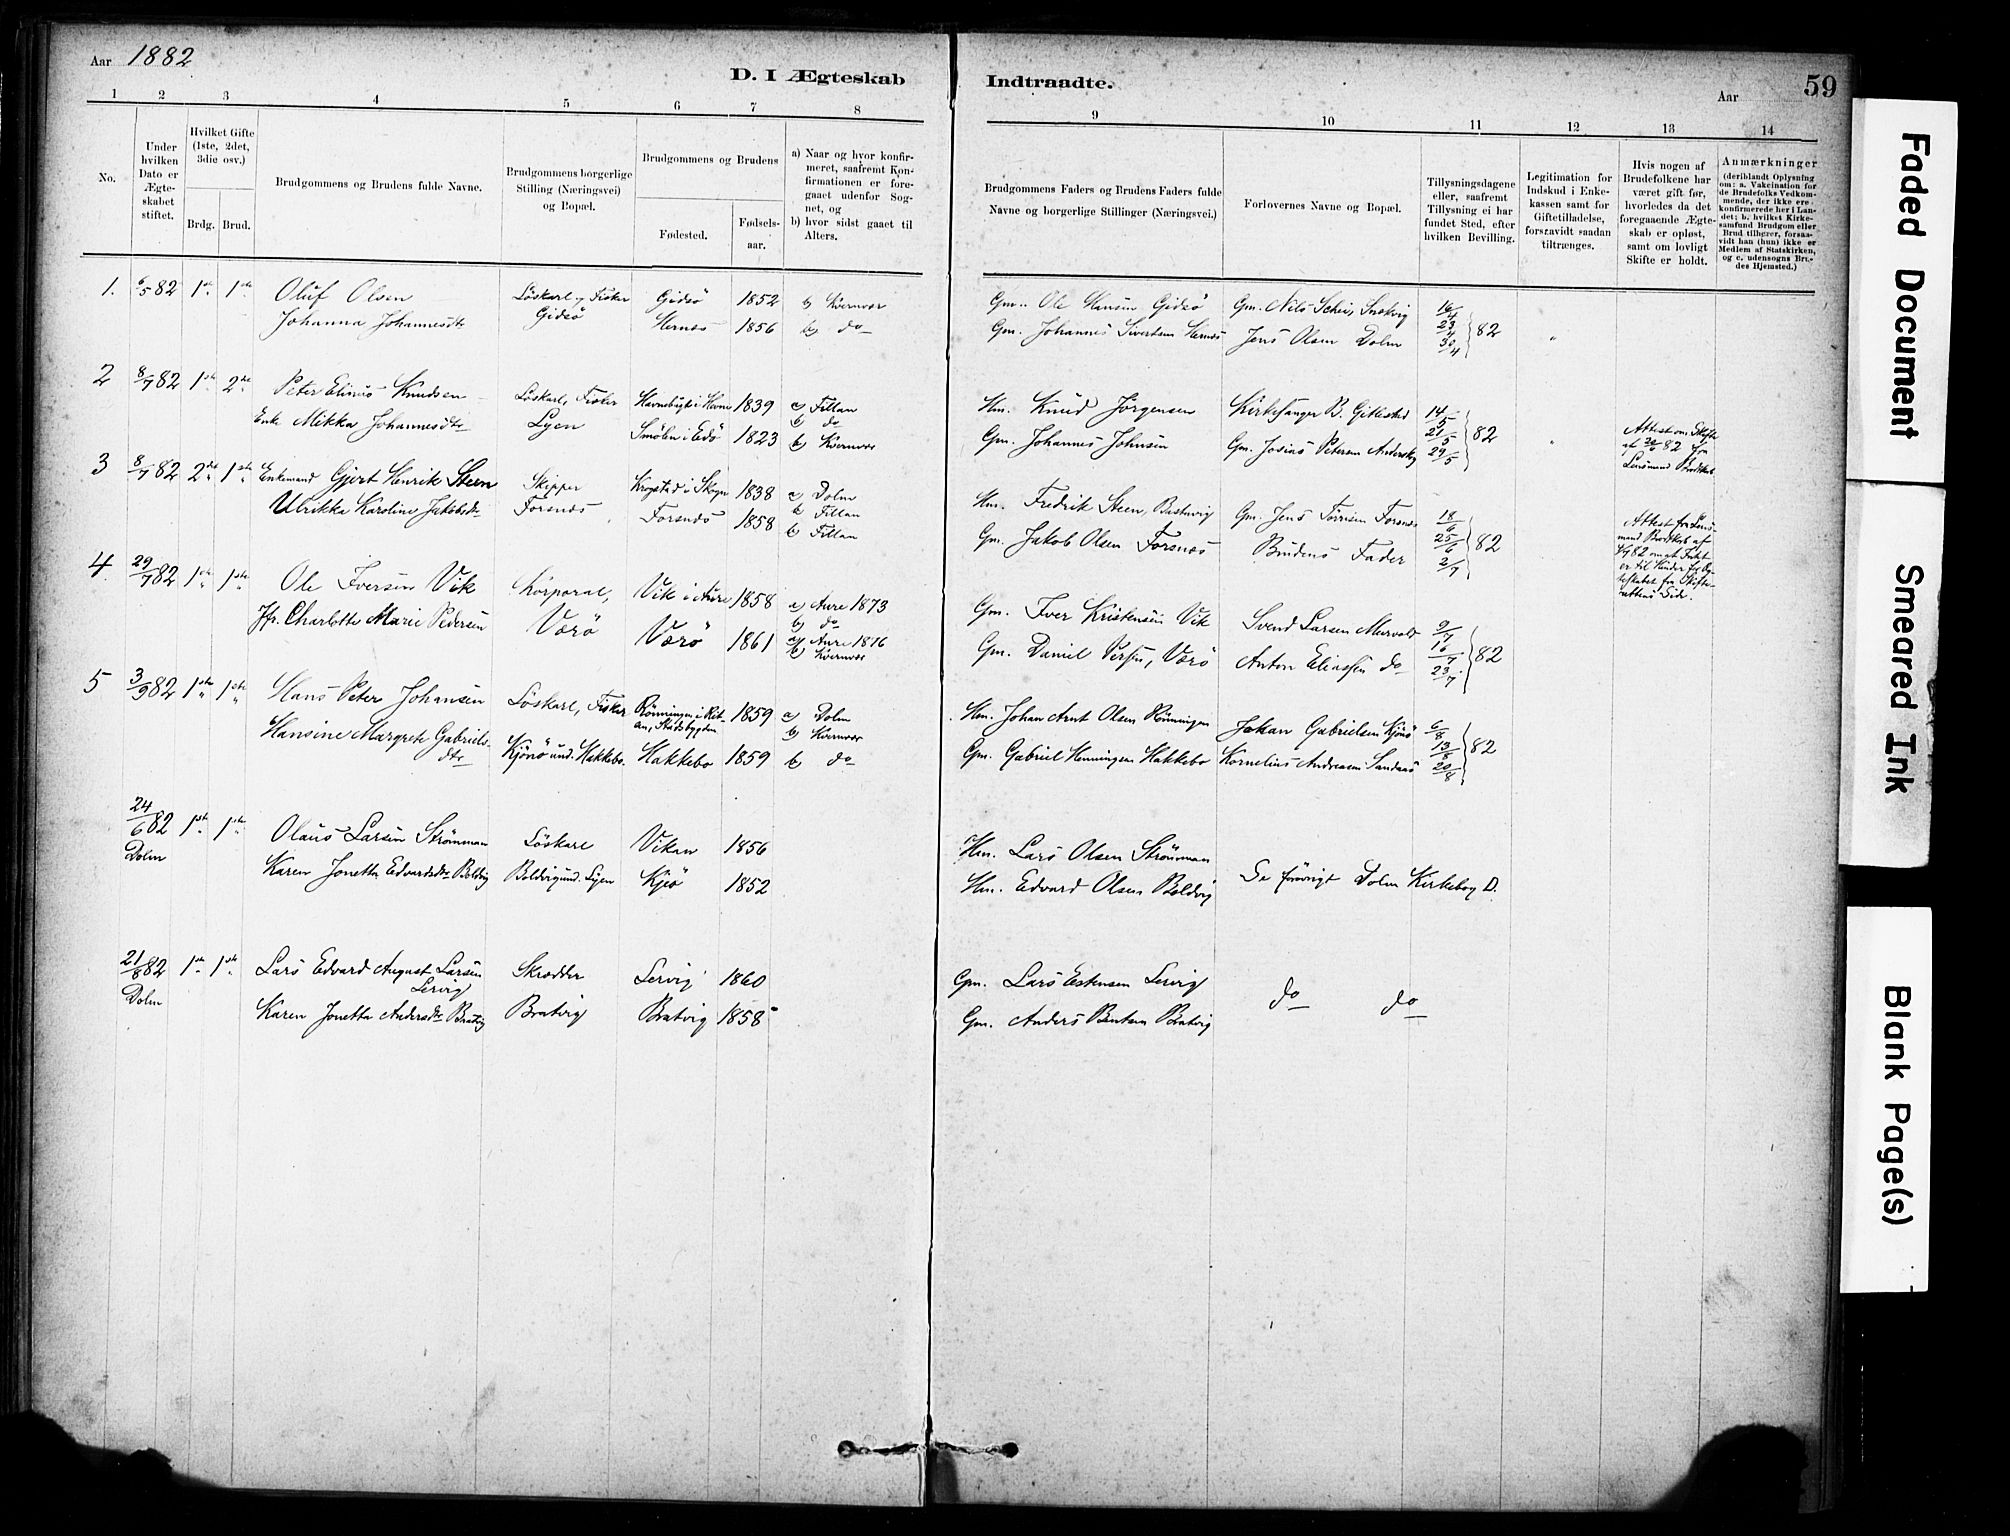 SAT, Ministerialprotokoller, klokkerbøker og fødselsregistre - Sør-Trøndelag, 635/L0551: Ministerialbok nr. 635A01, 1882-1899, s. 59